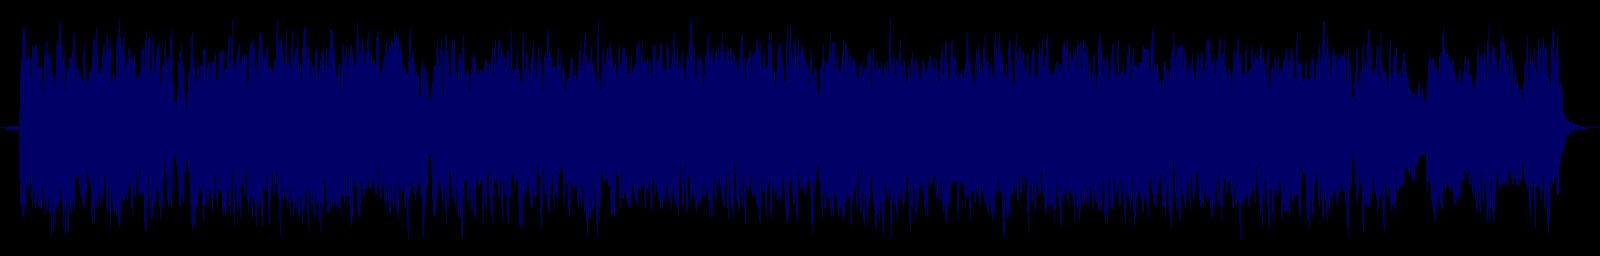 waveform of track #143475